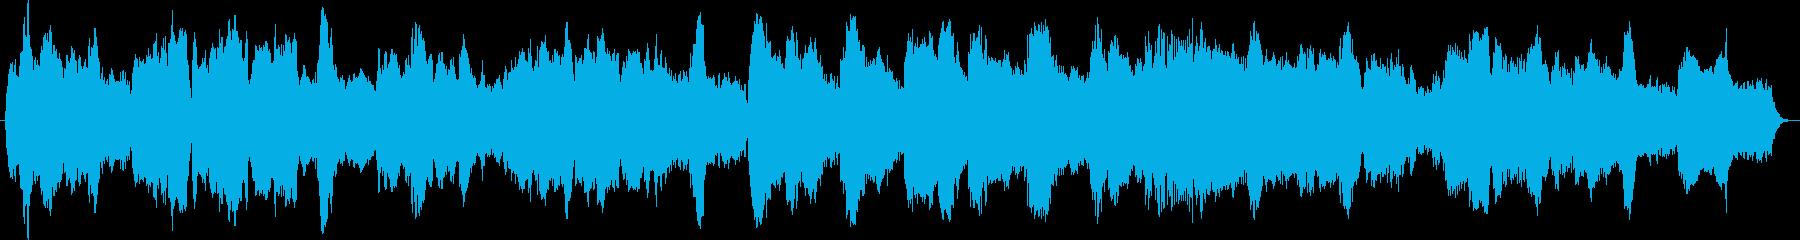 ホルンの柔らかい・優しい響きの再生済みの波形